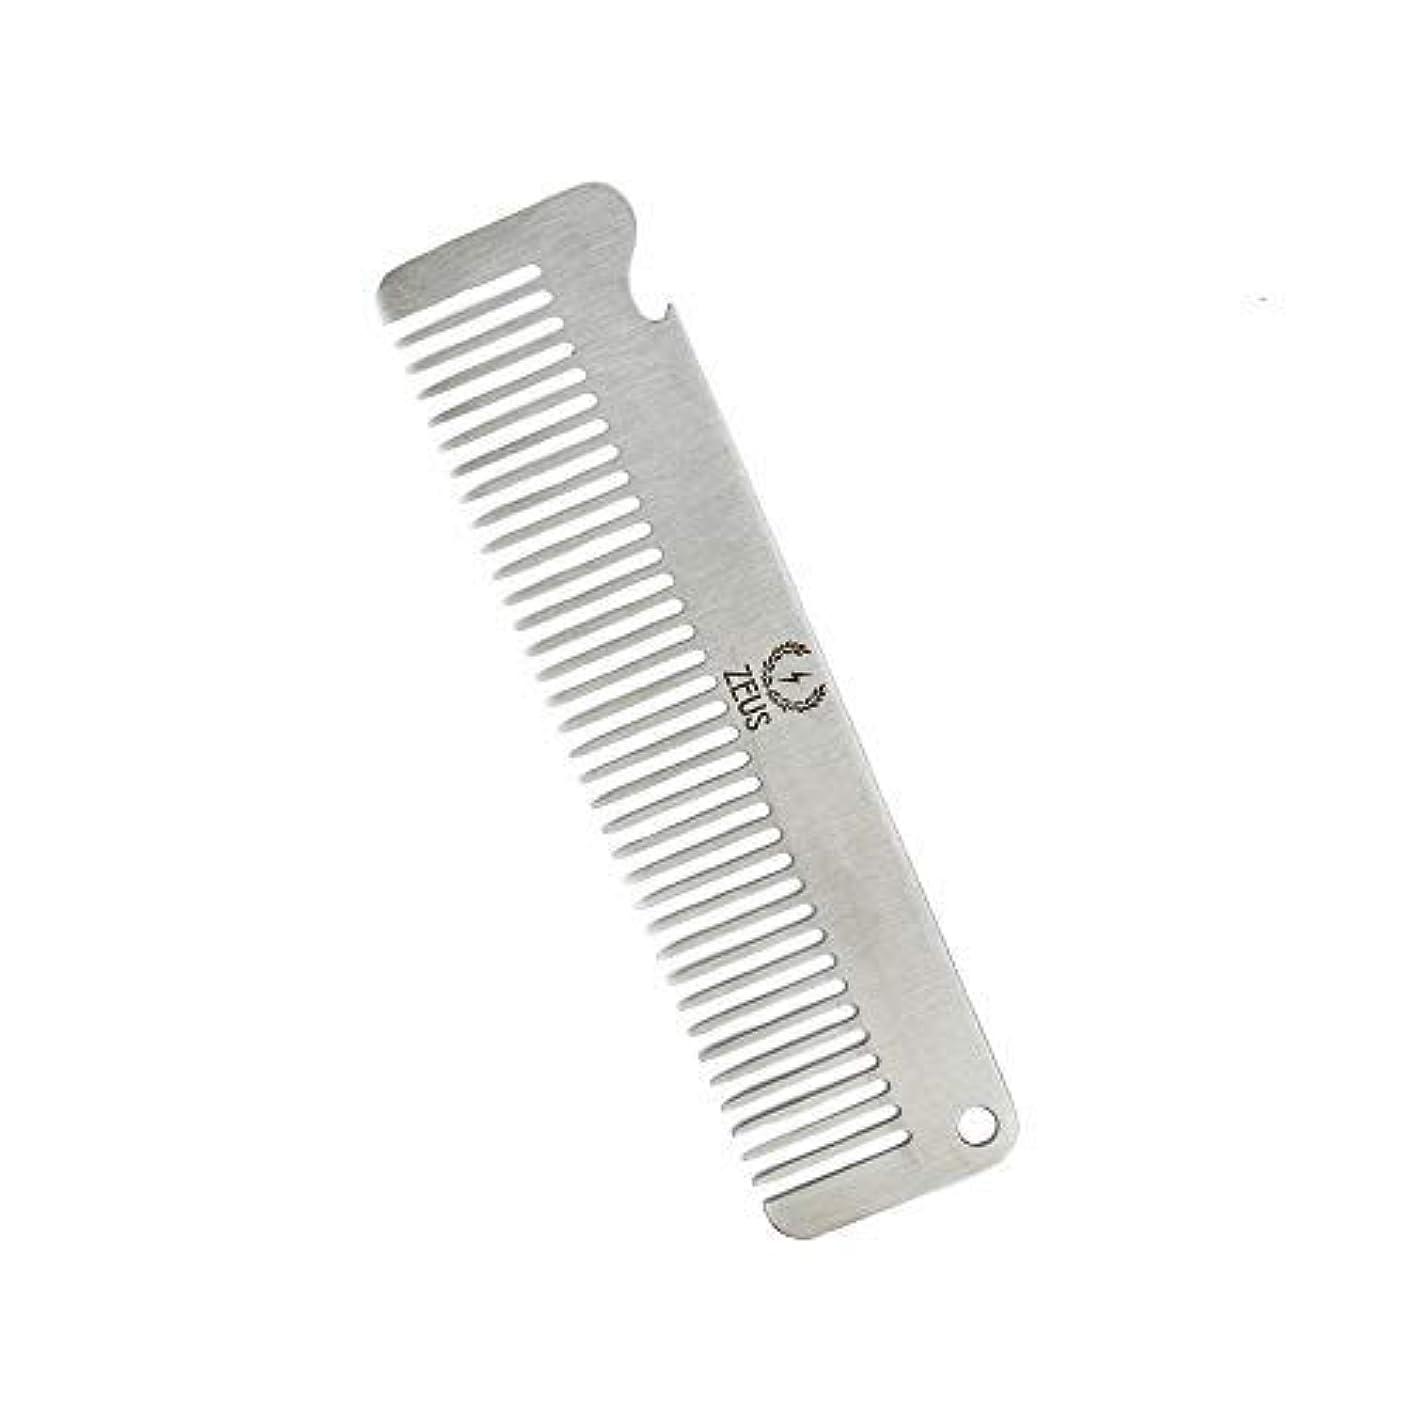 呼吸する広告するエンドテーブルZEUS Stainless Steel Comb with Bottle Opener - Beard Comb for Men! (Comb) [並行輸入品]